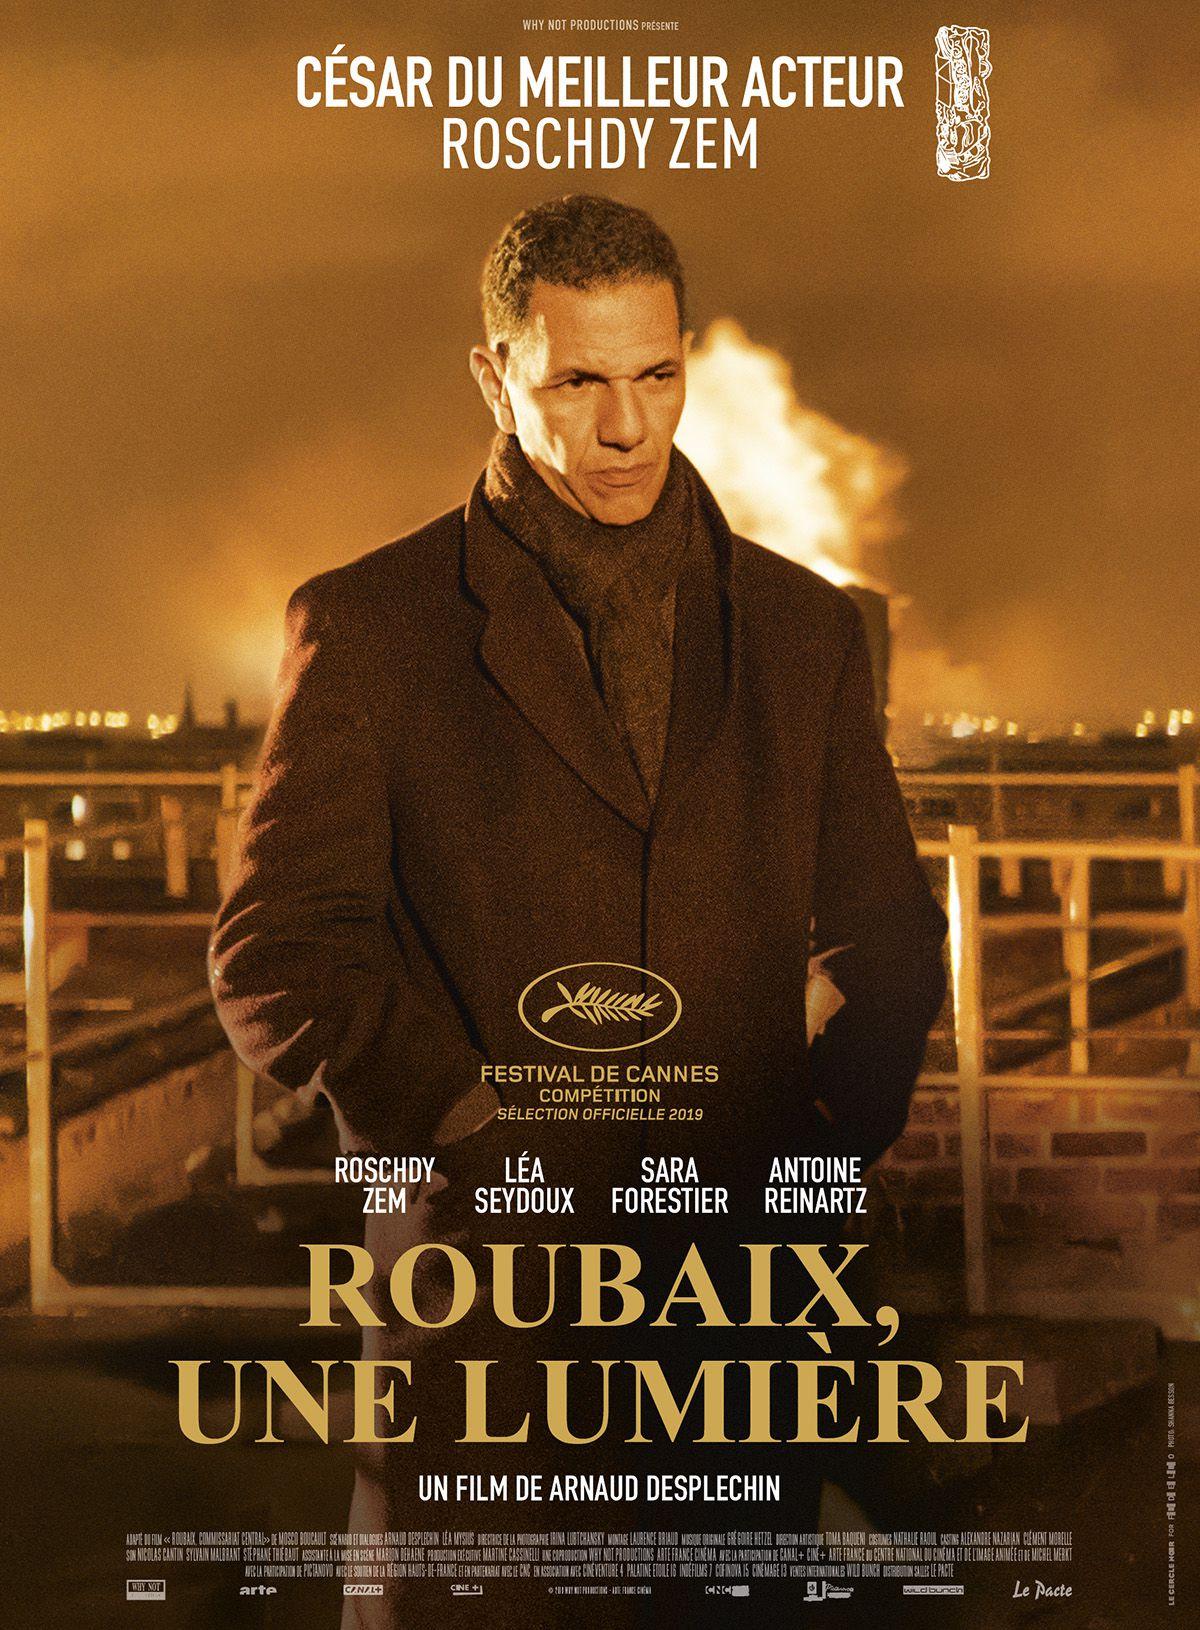 Roubaix, une lumière - Film (2019)